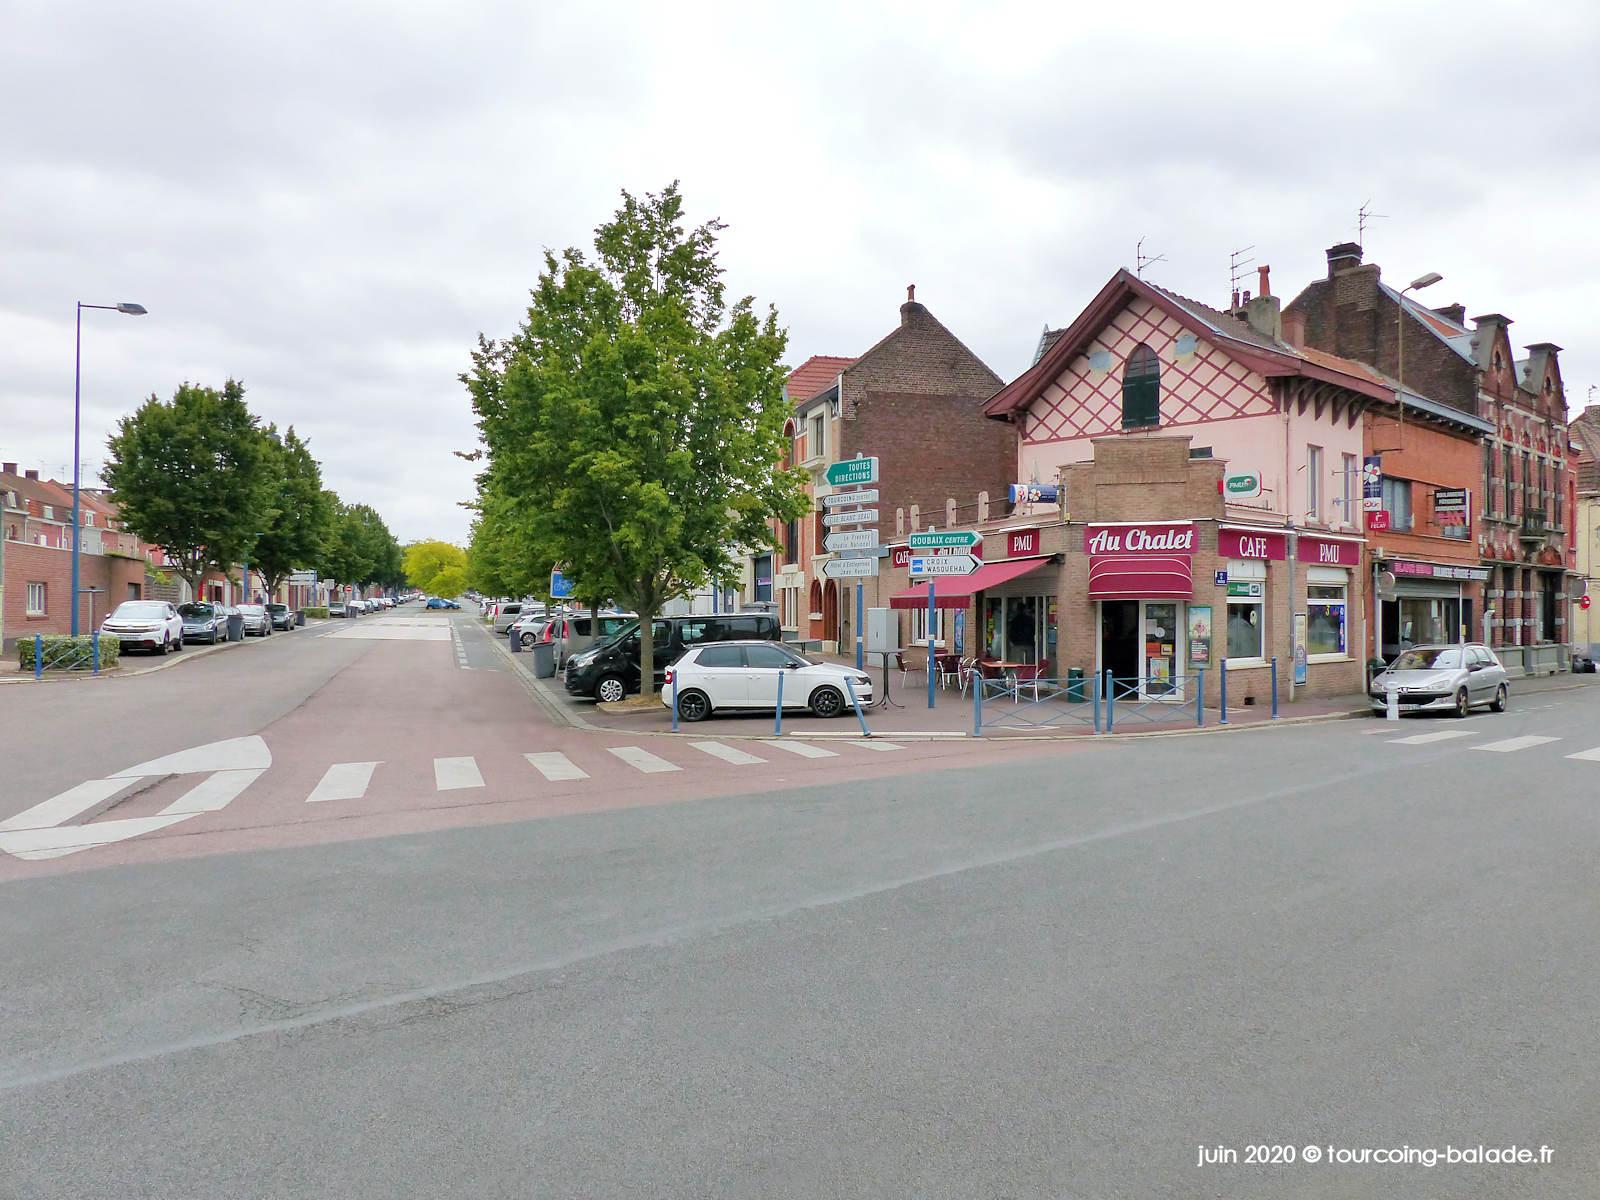 Rue de Mouvaux et Bd Descat, Tourcoing 2020